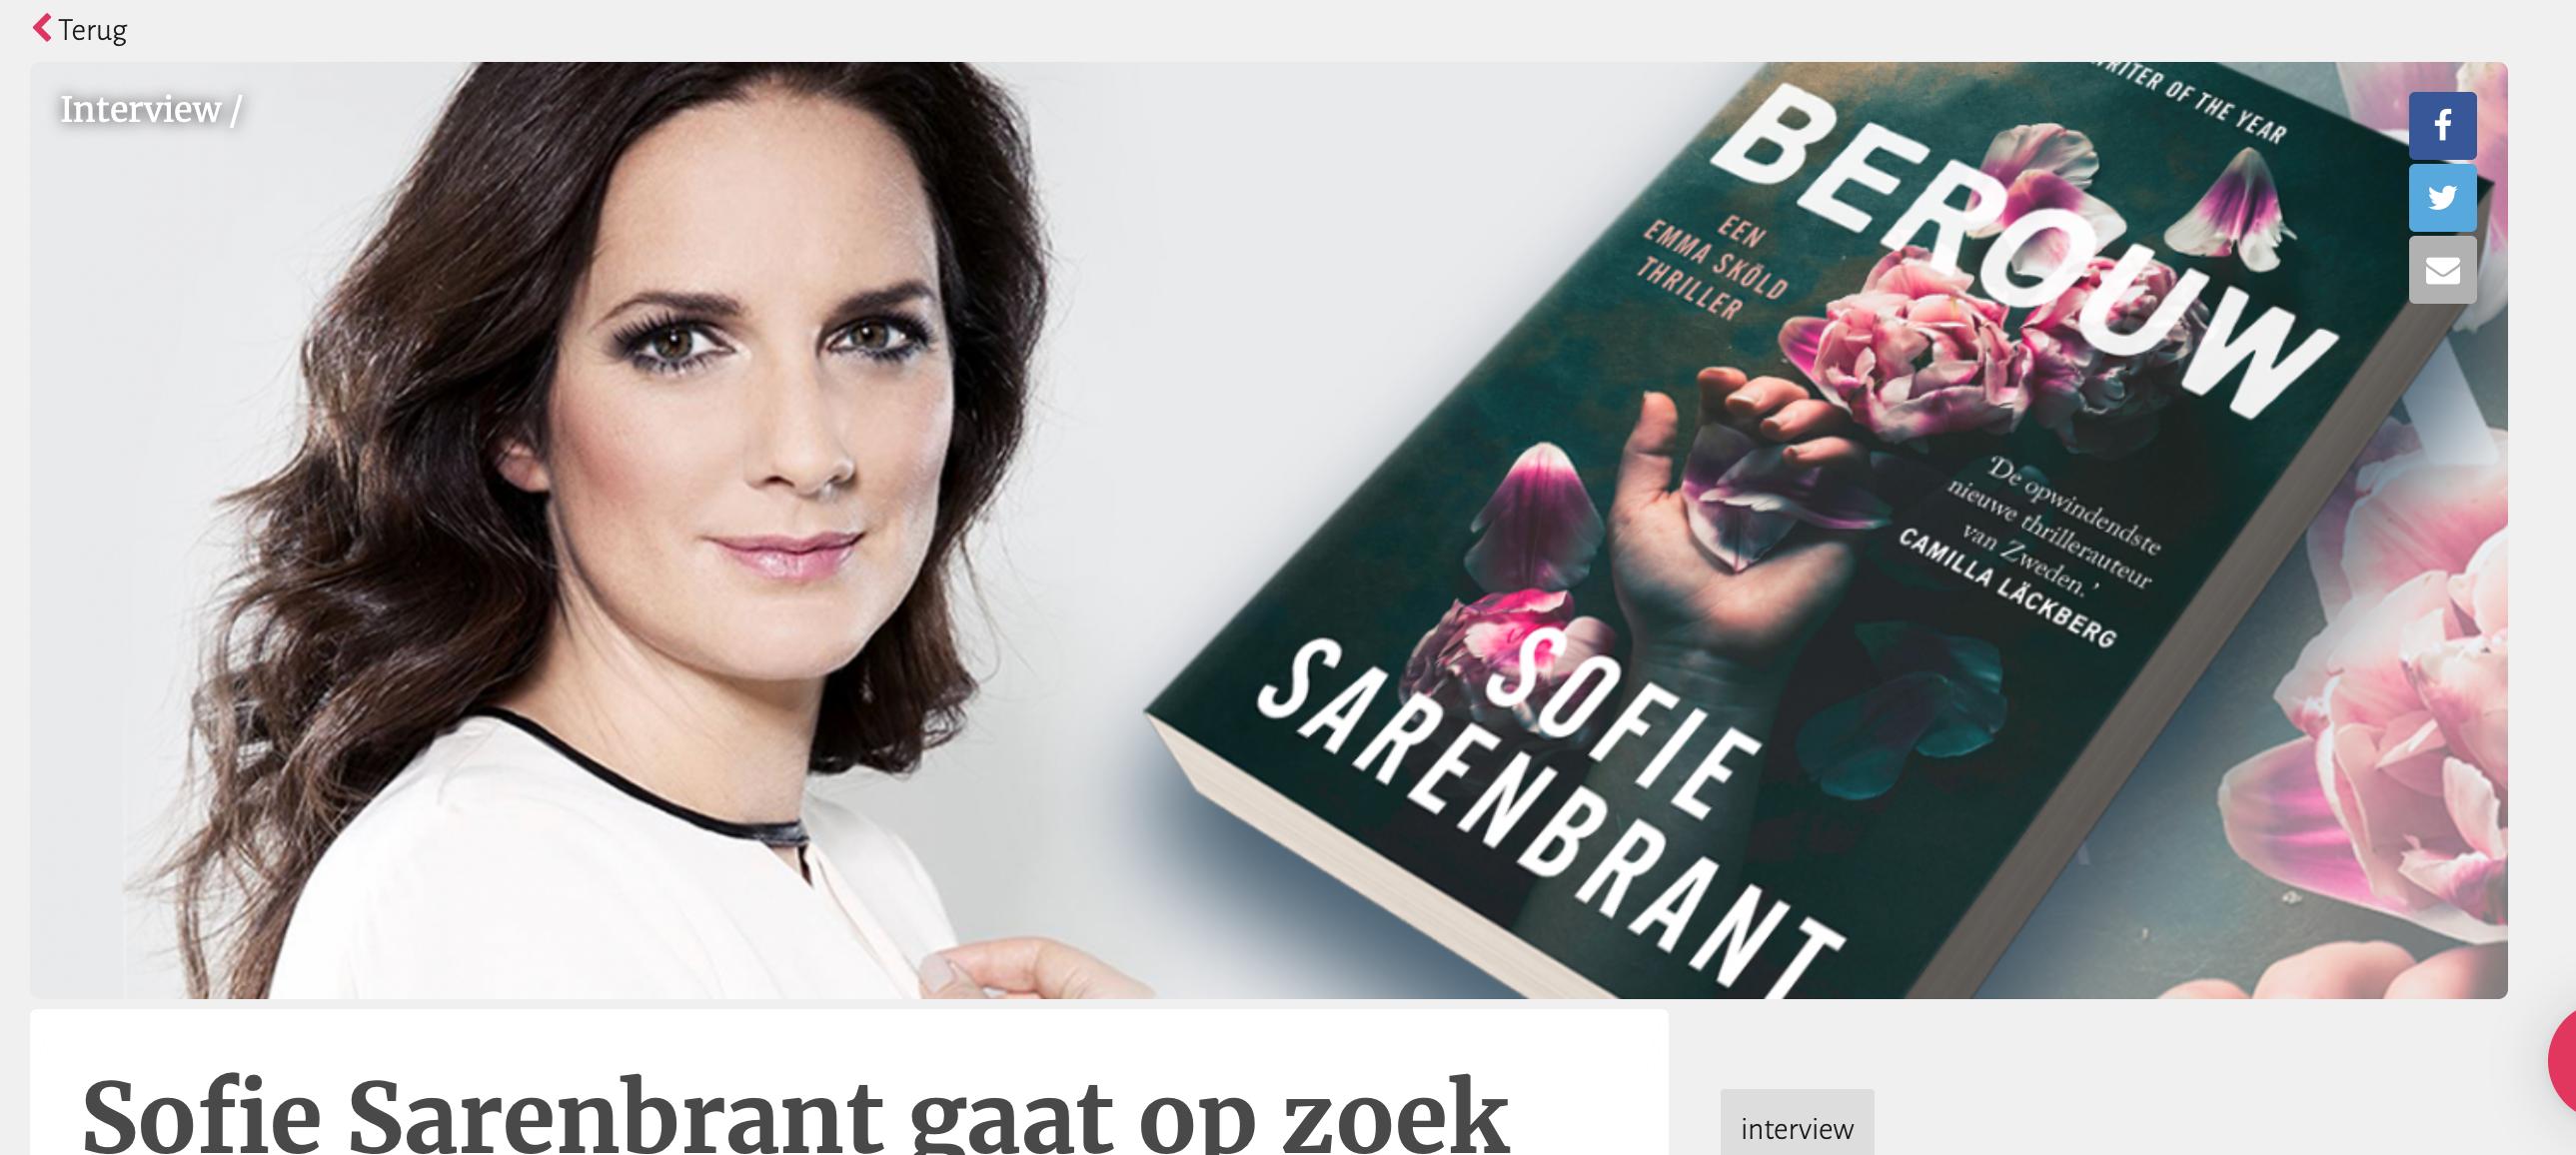 Sofie Sarenbrant gaat op zoek naar de geheimen achter het perfecte plaatje